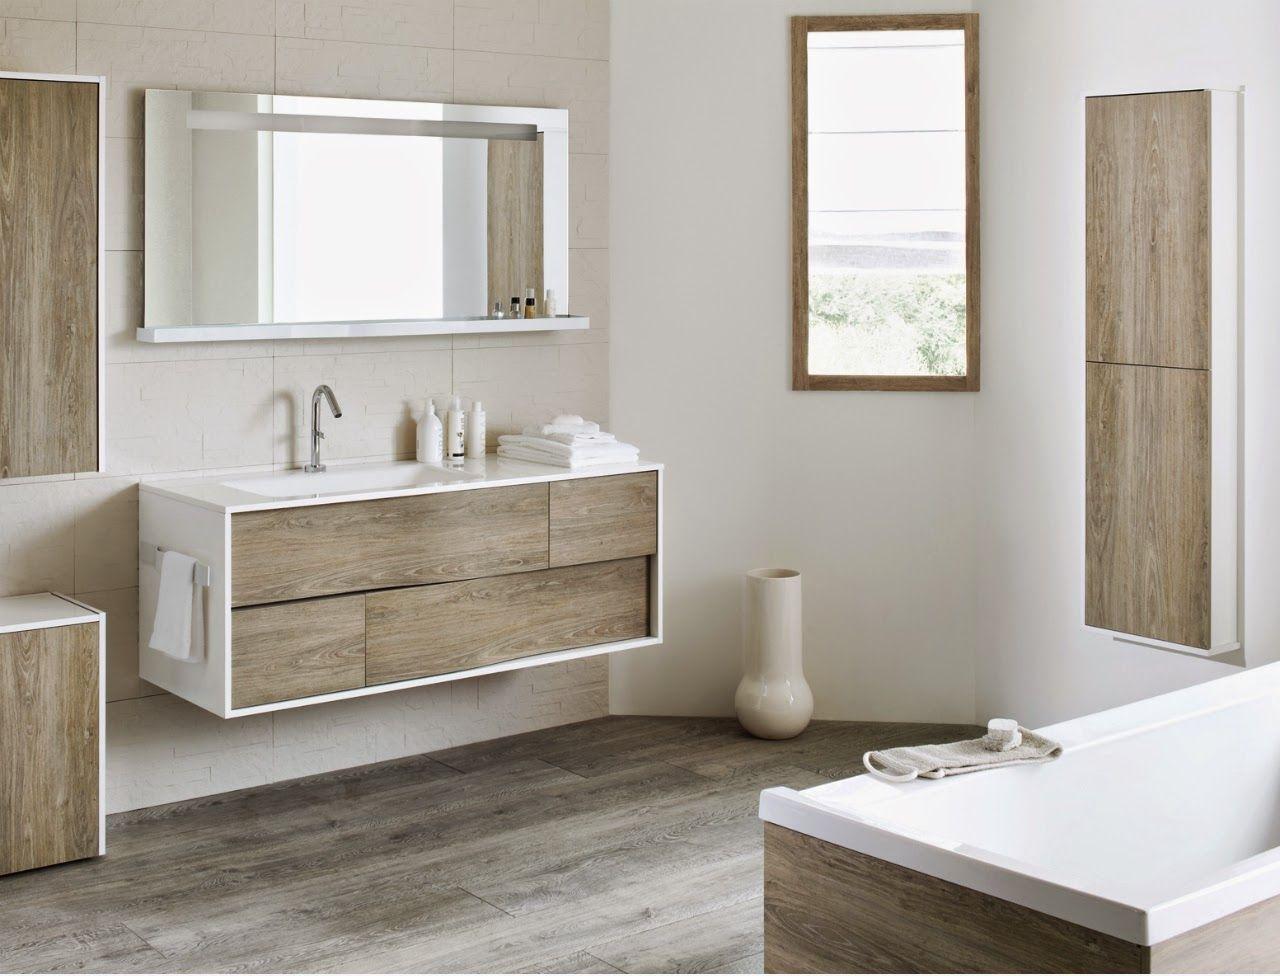 Meuble De Salle De Bain Ikea Par Rapport A Desir L 39 Idee D 39 Une Scandinavian Bathroom Bathroom Bathroom Vanity